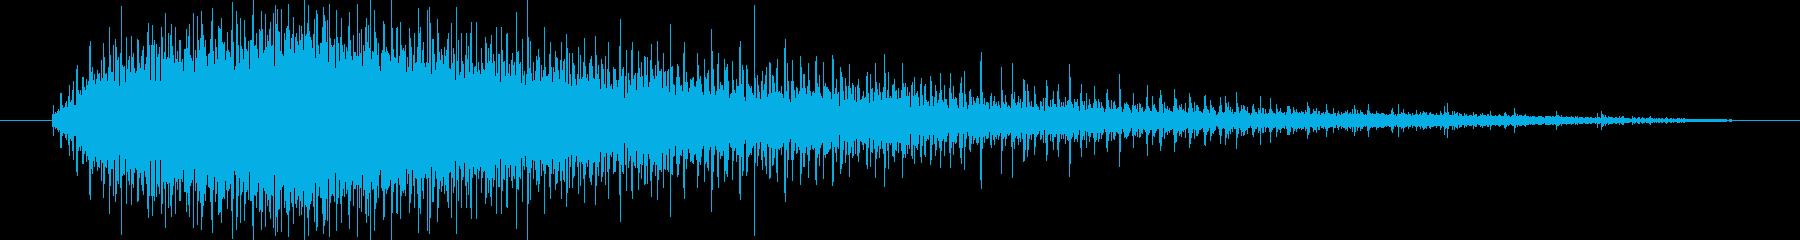 機械 ジグソーエンジン高速中長02の再生済みの波形